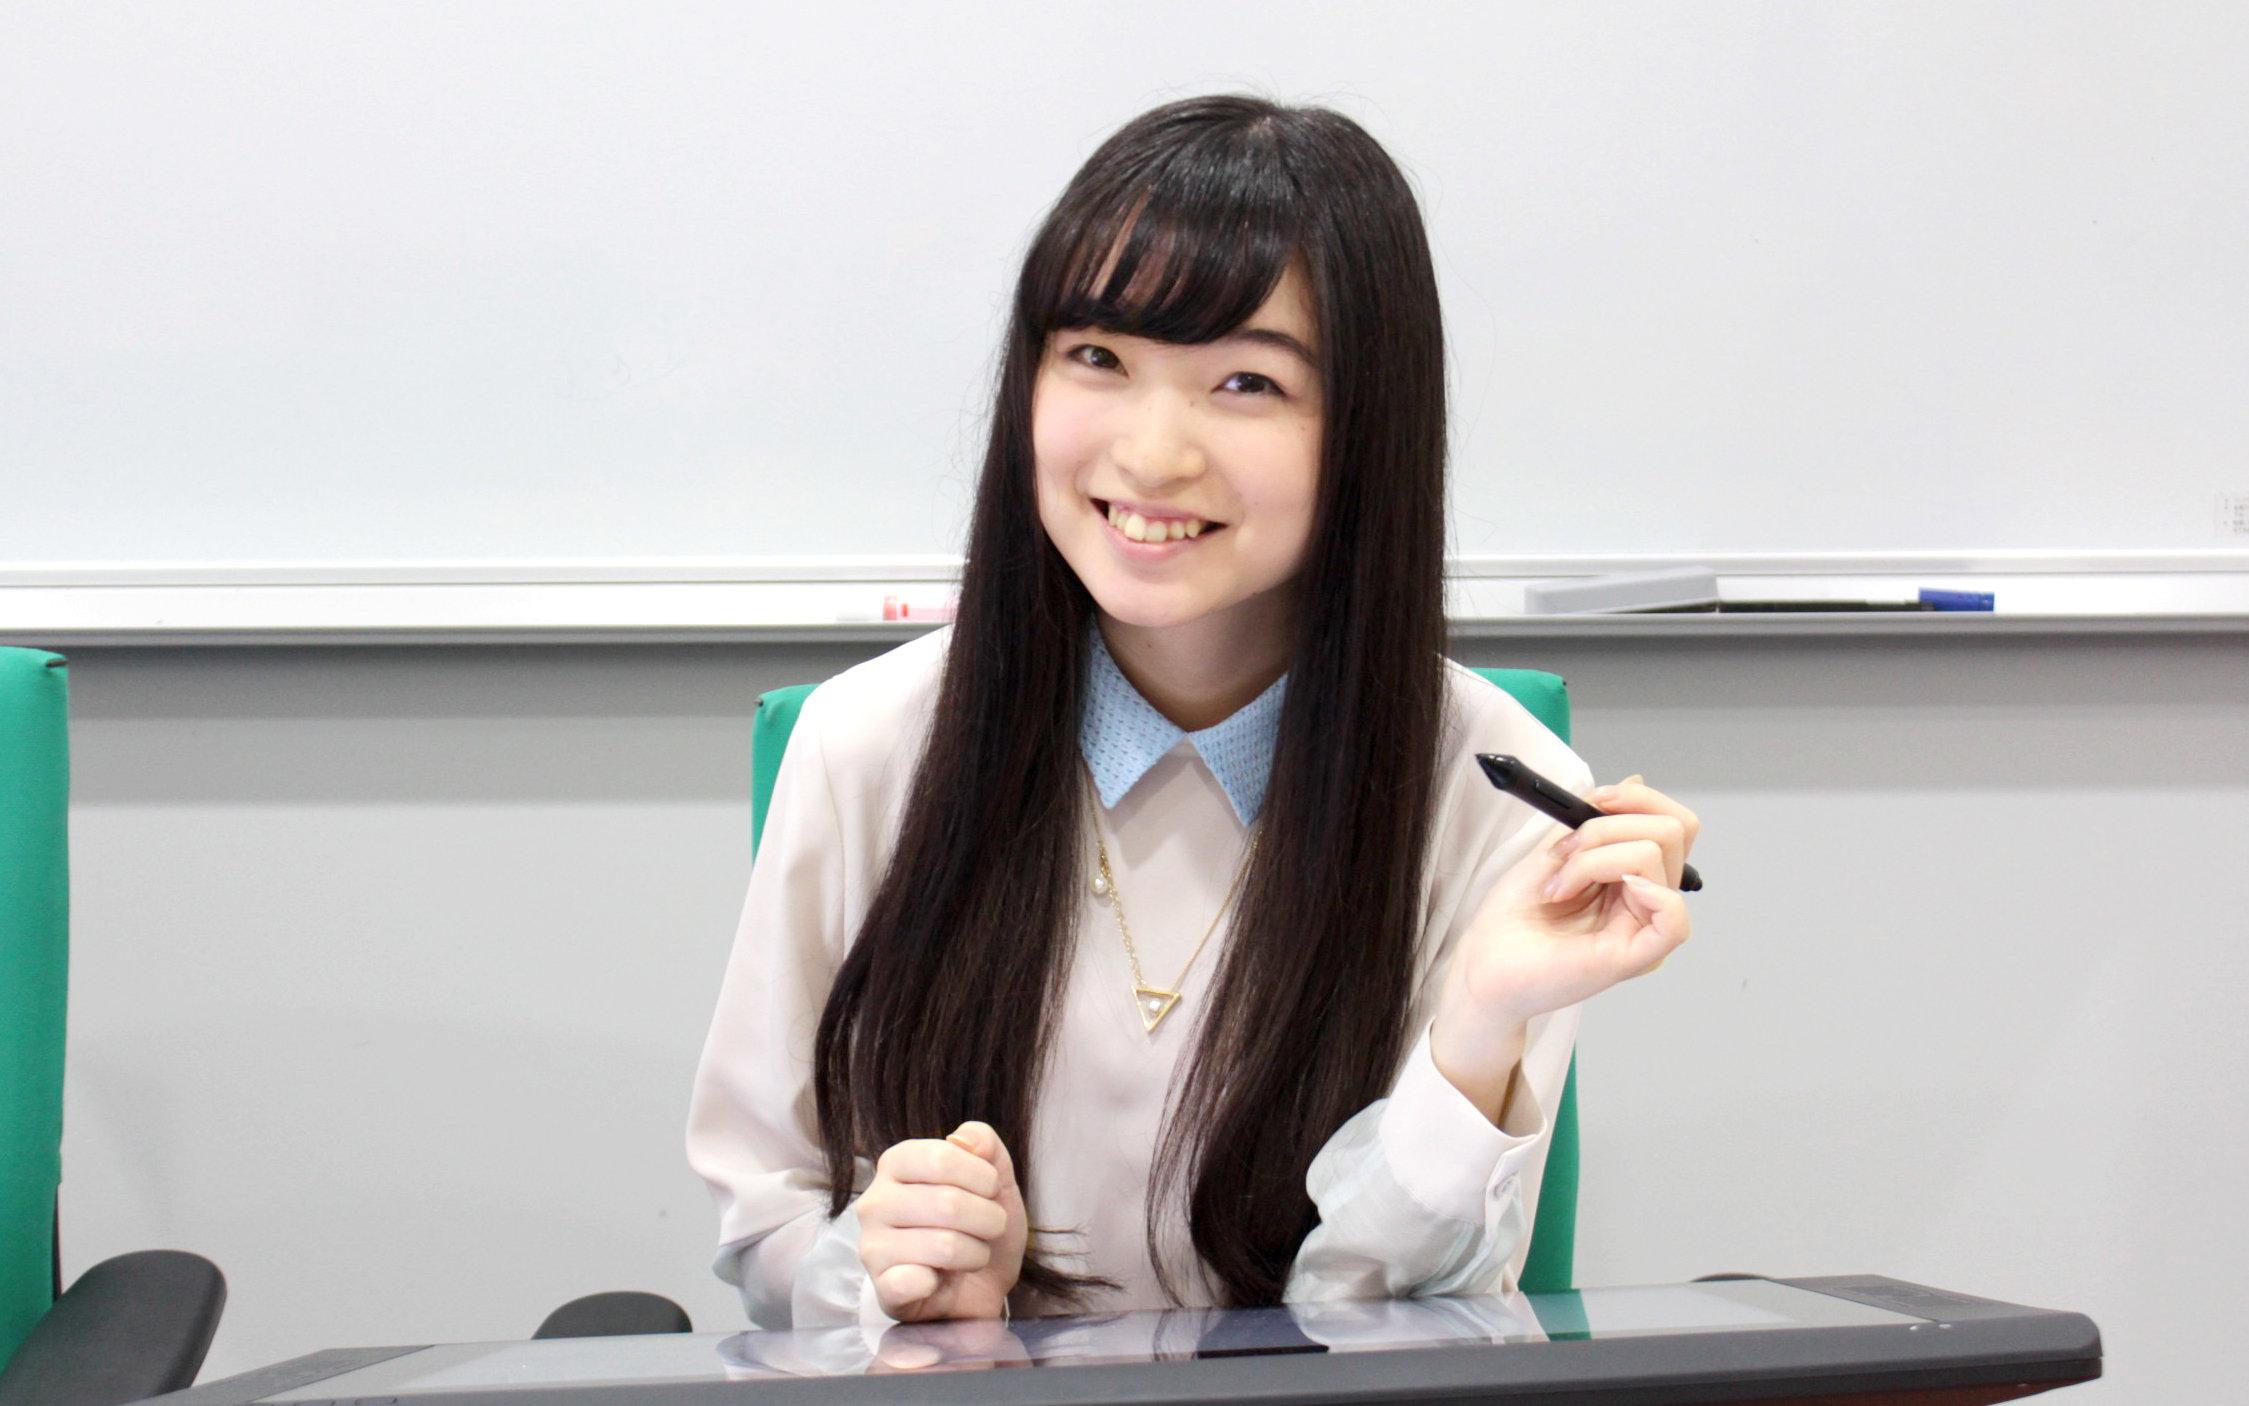 髪が長い上田麗奈